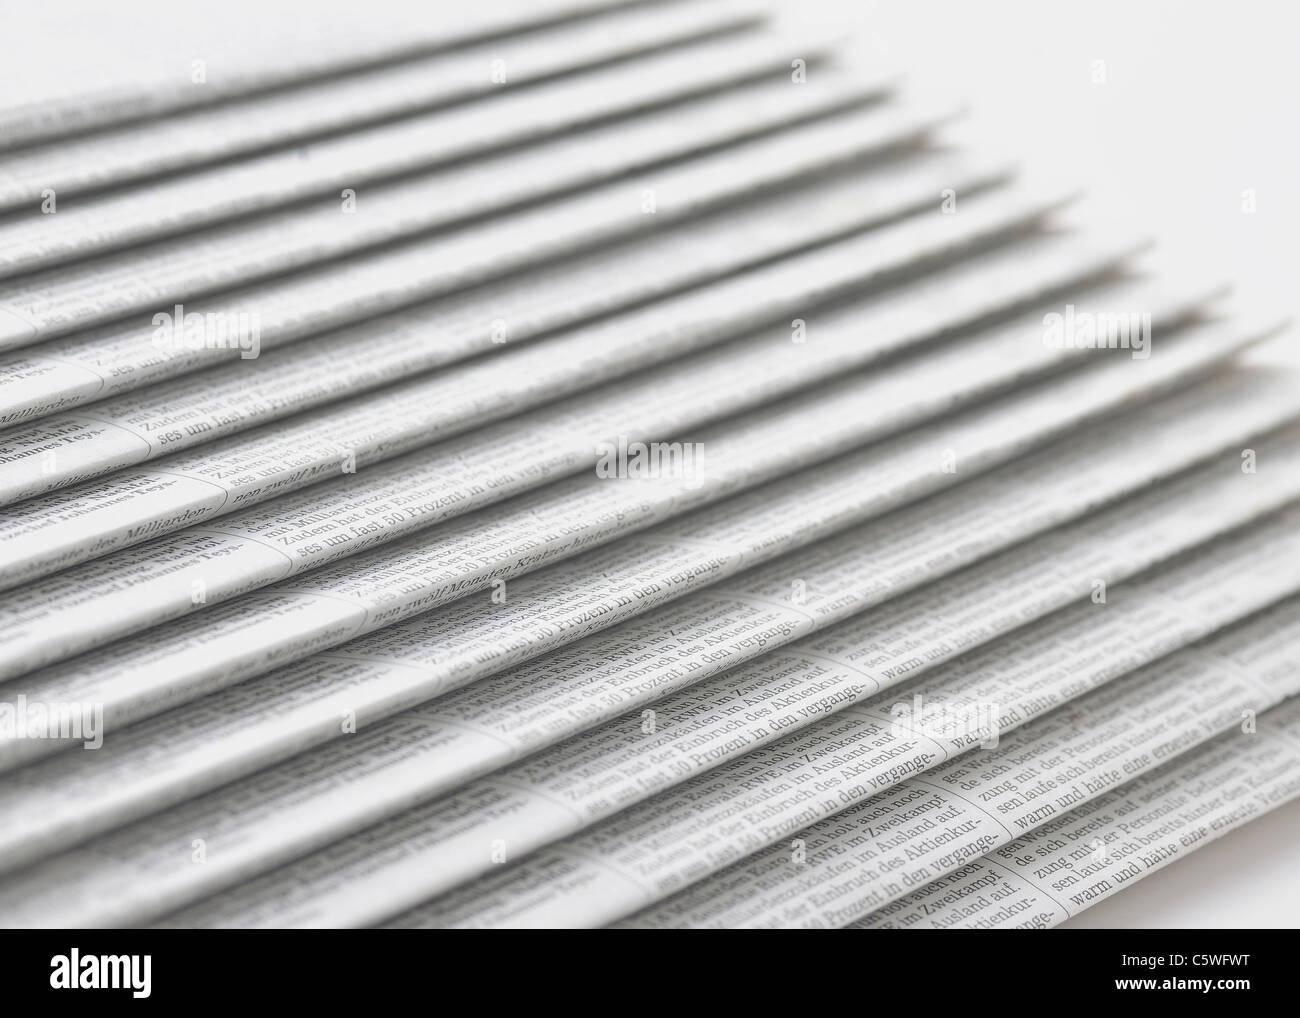 Fila di quotidiani su sfondo bianco Immagini Stock